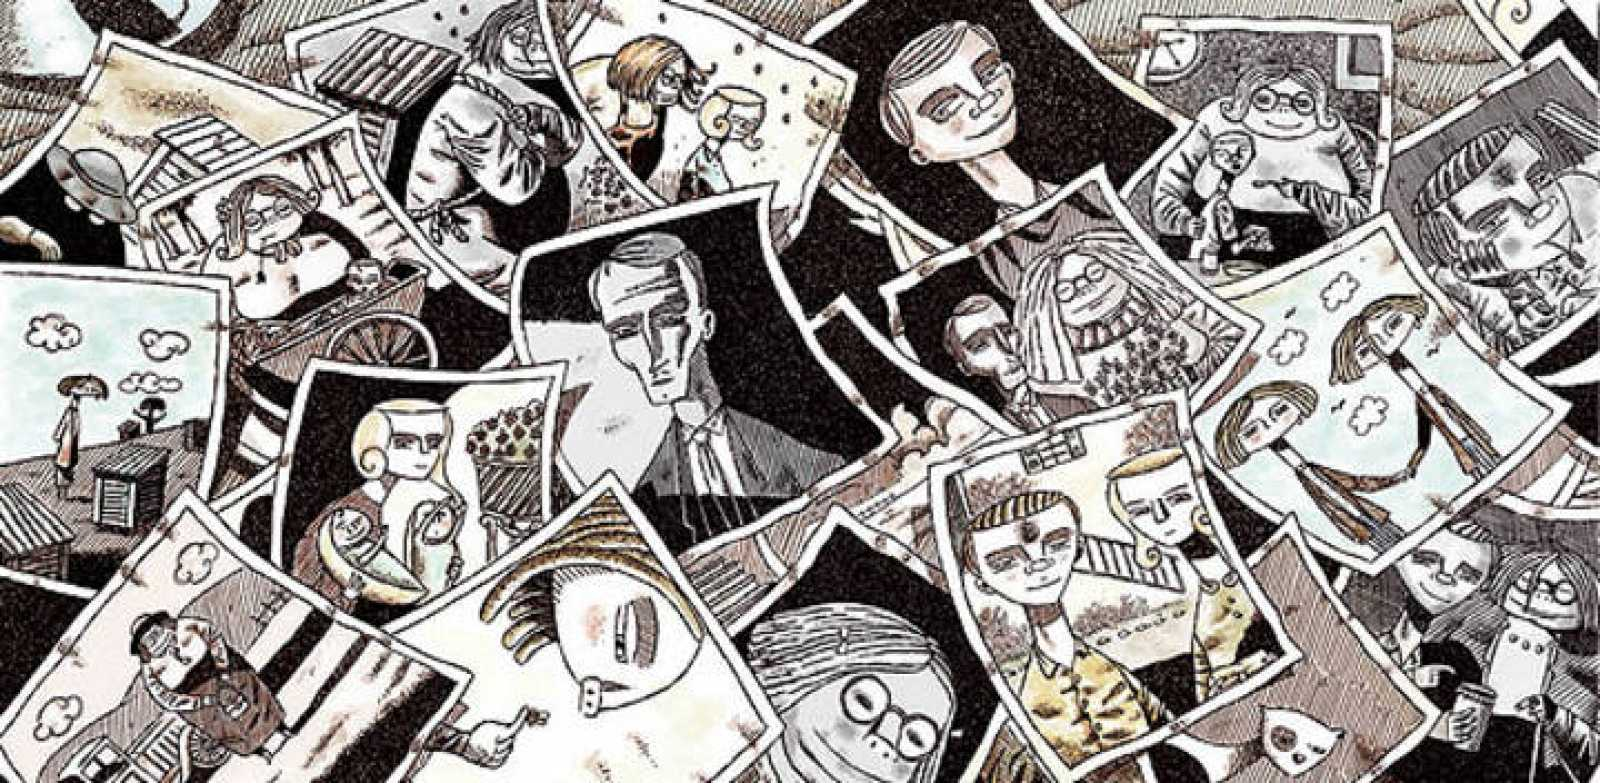 Fragmento de una ilustración de 'Una colmena en construcción', de Luis Durán